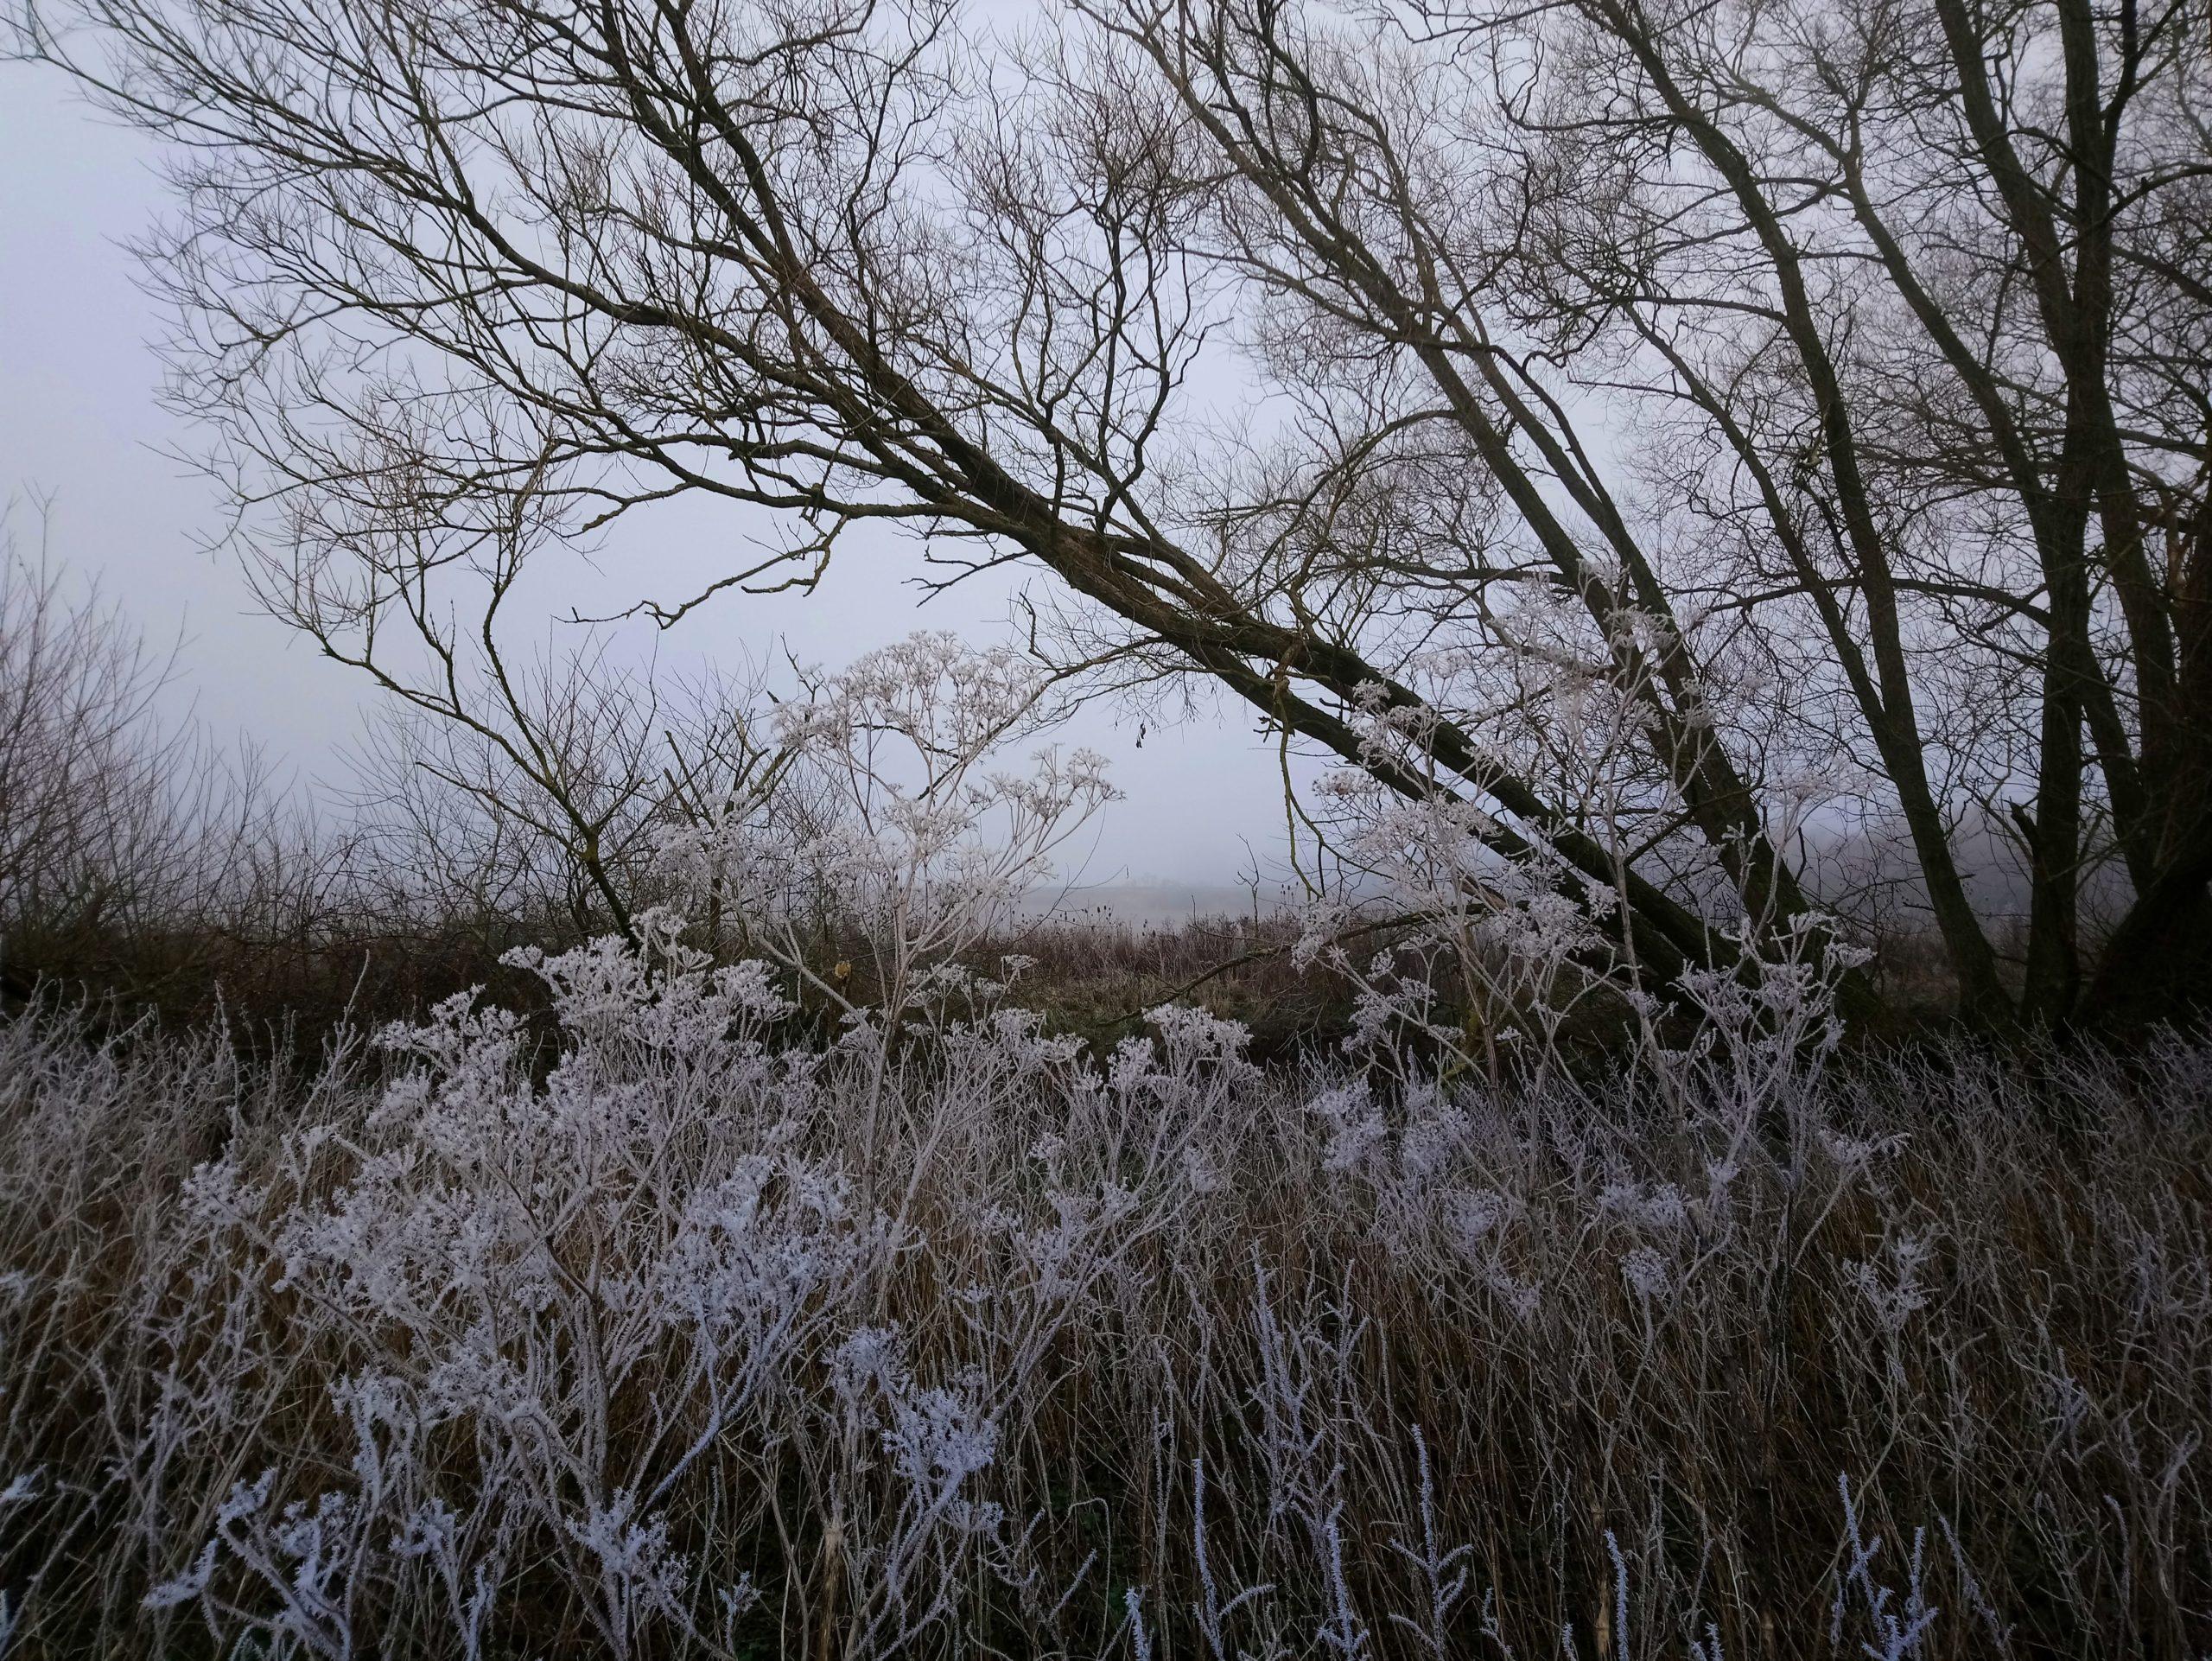 frosty wychwoods